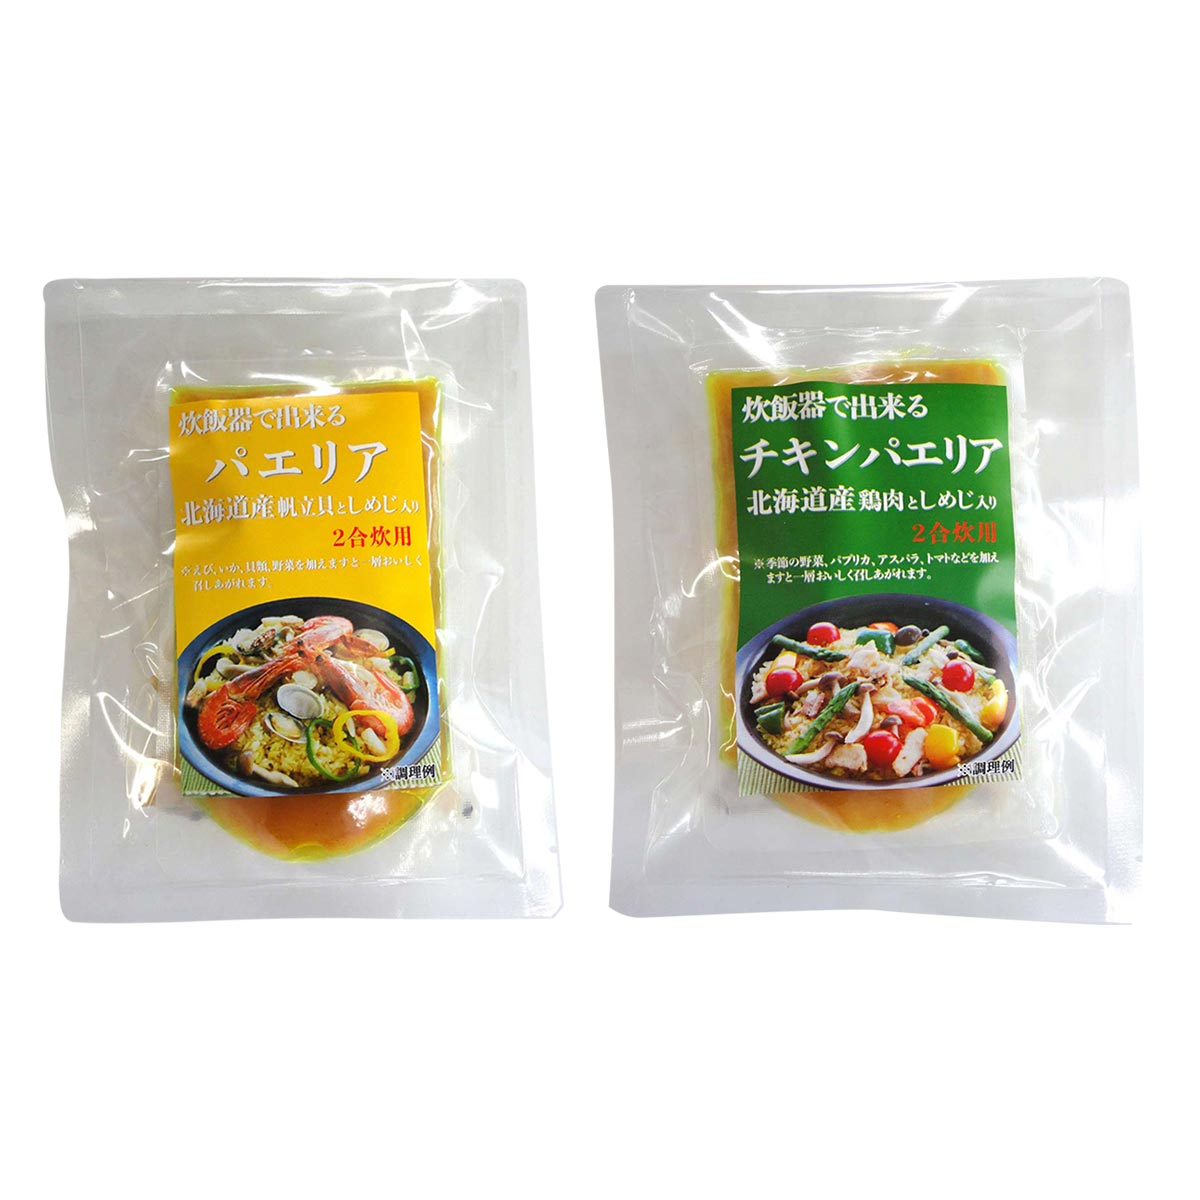 【中水食品工業】パエリア、チキンパエリア 各2袋セット